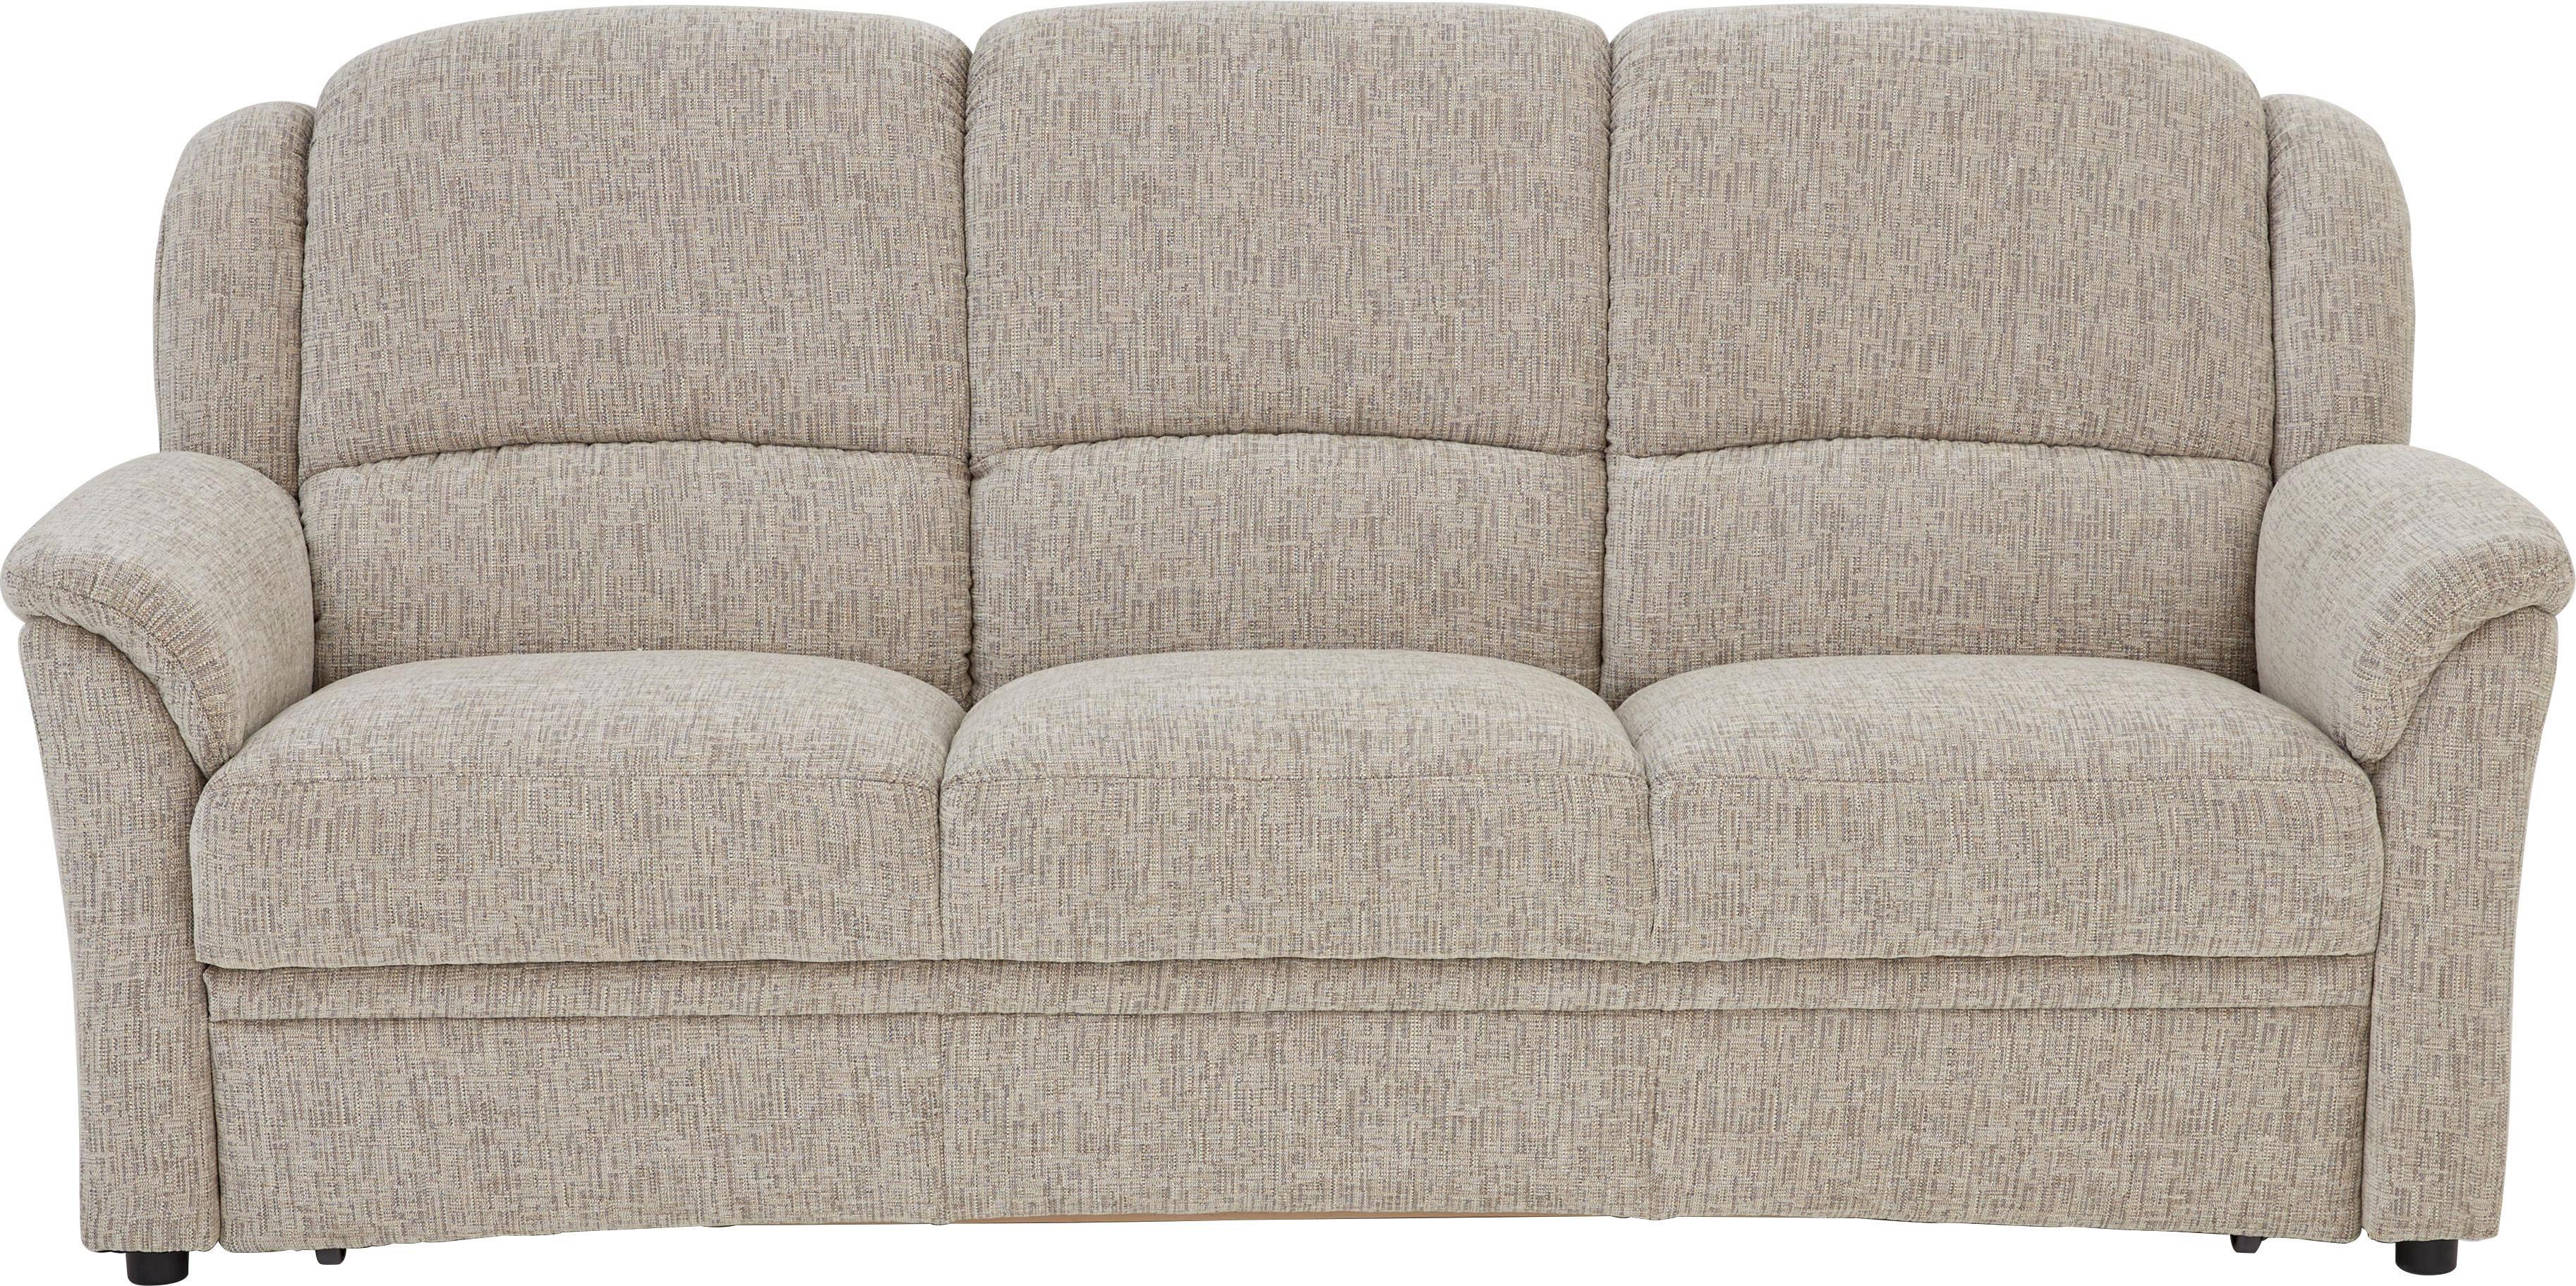 SITZGARNITUR Chenille Sandfarben - Sandfarben/Schwarz, KONVENTIONELL, Kunststoff/Textil (204/98/89cm) - BELDOMO COMFORT